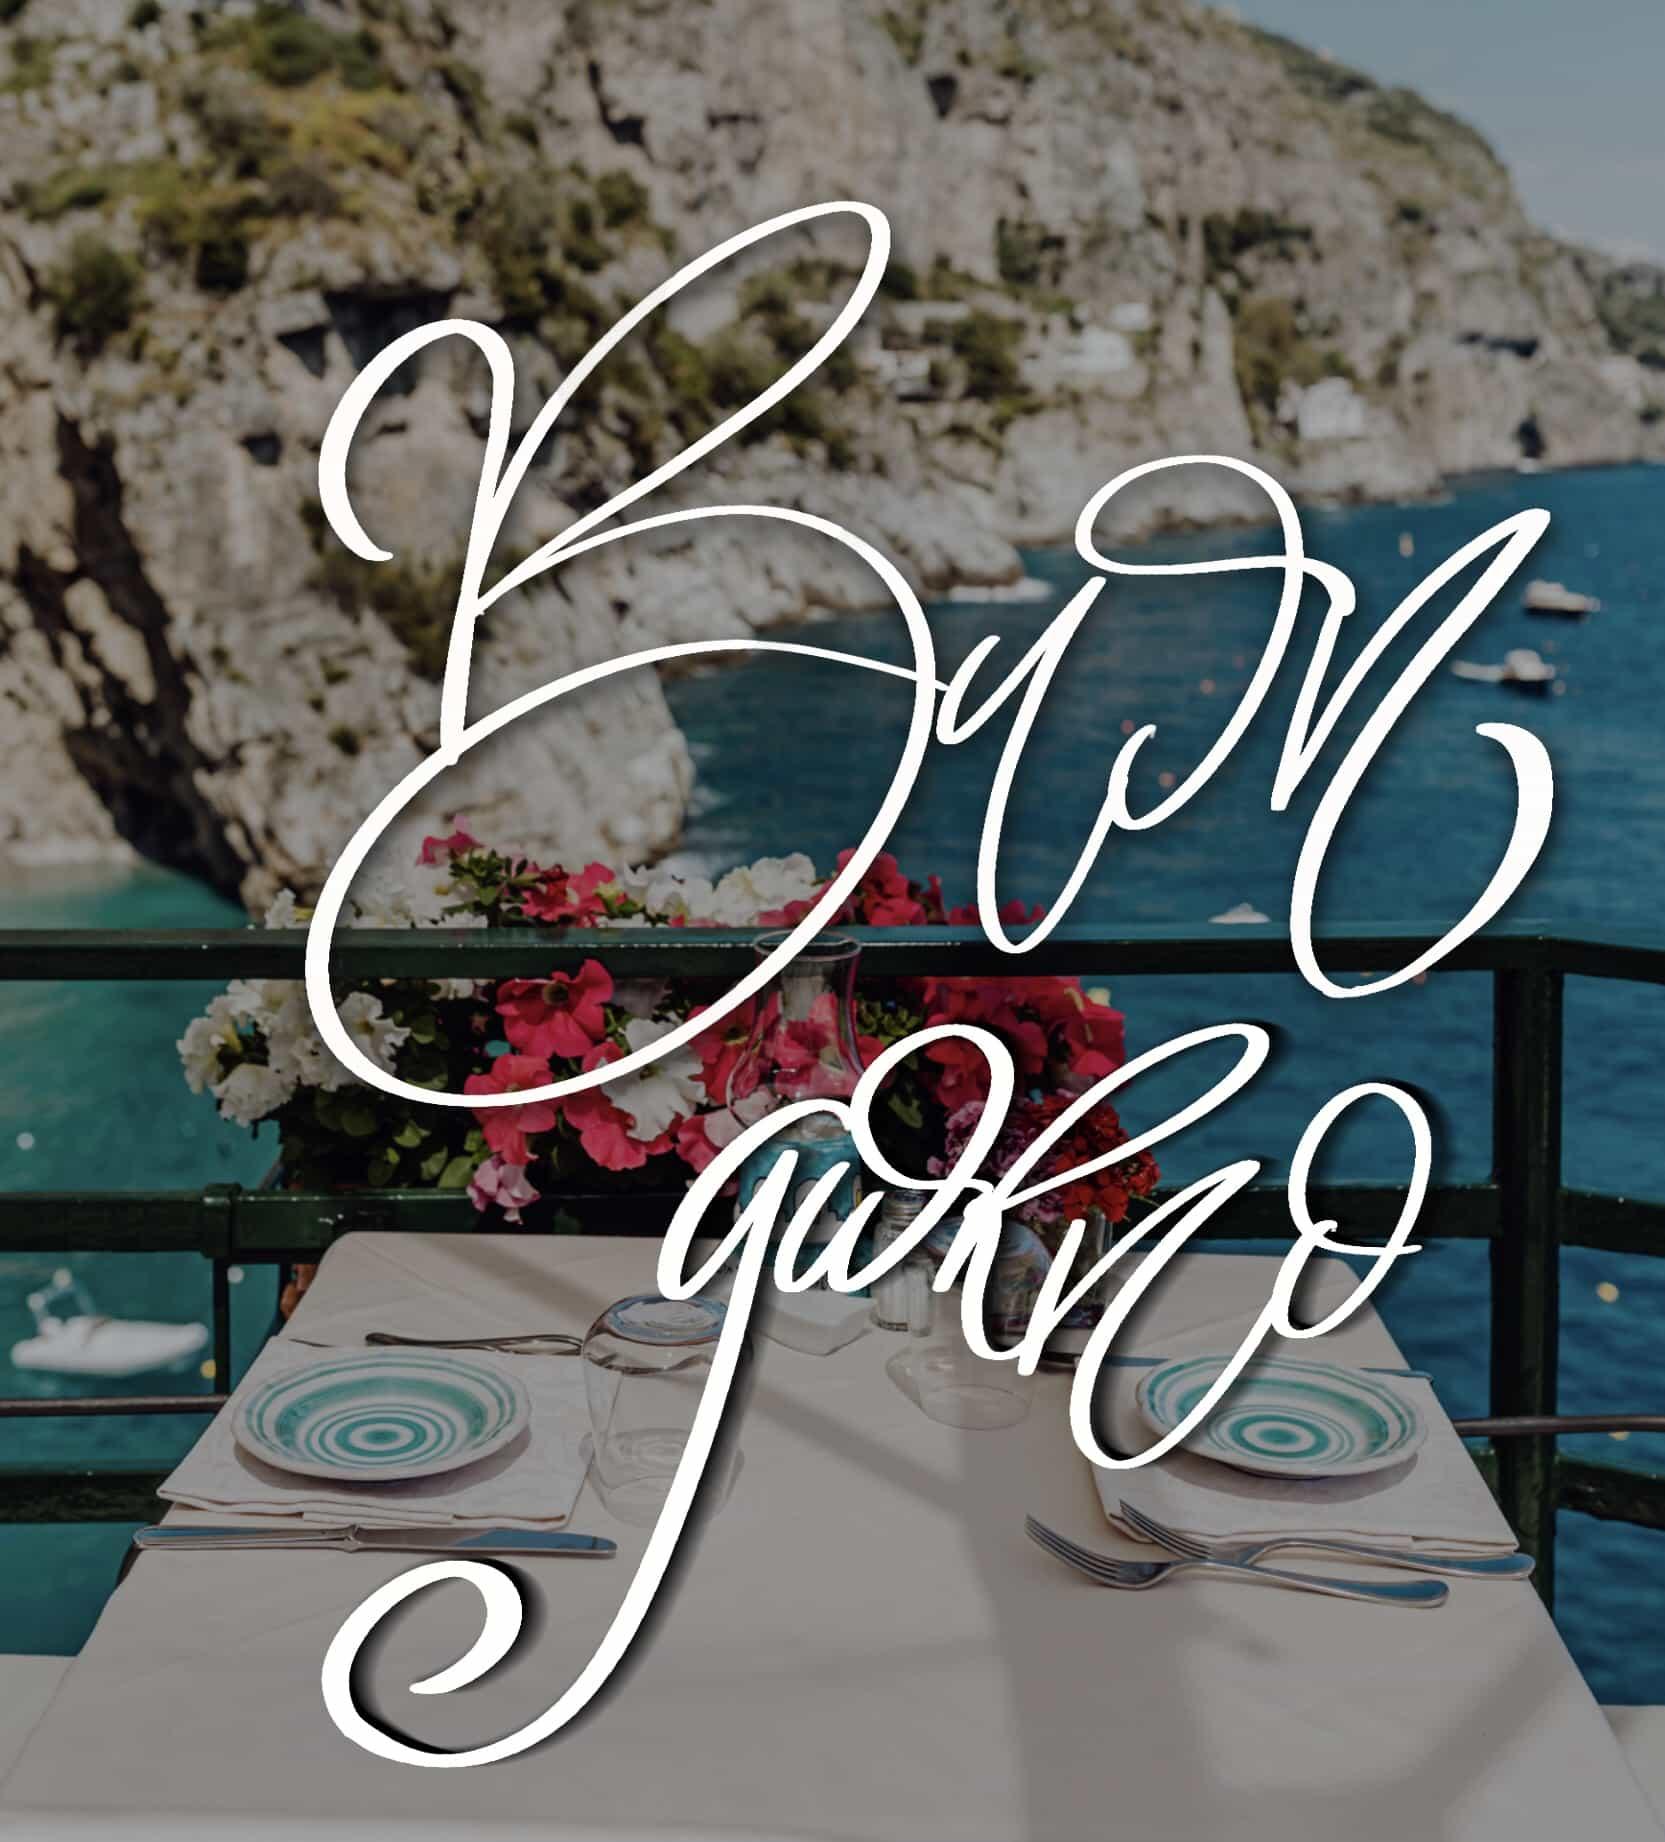 Buona_giornata_fiori_mare